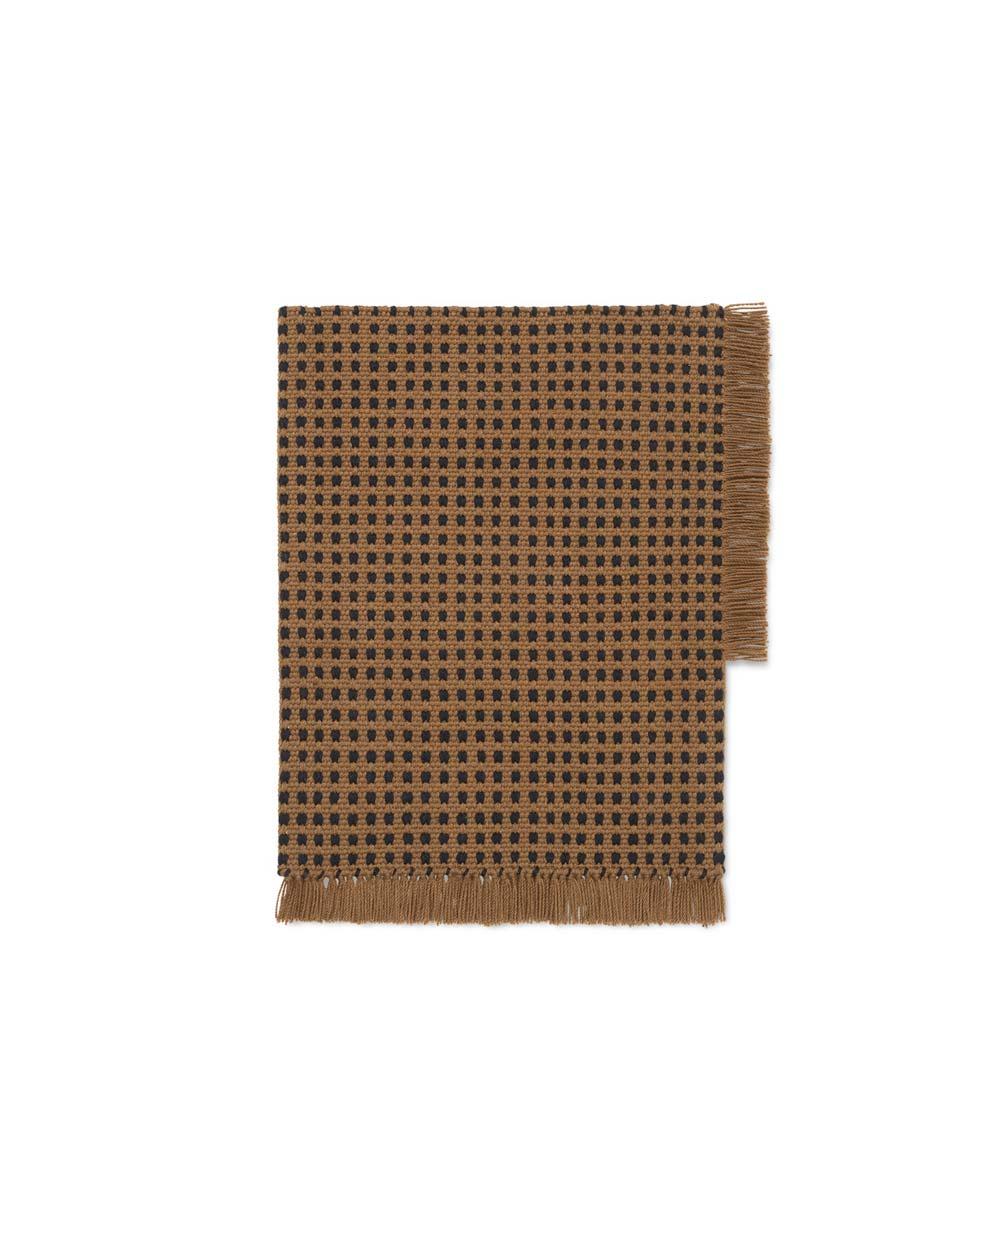 ferm Living way mat sugar kelp 1101622830 01